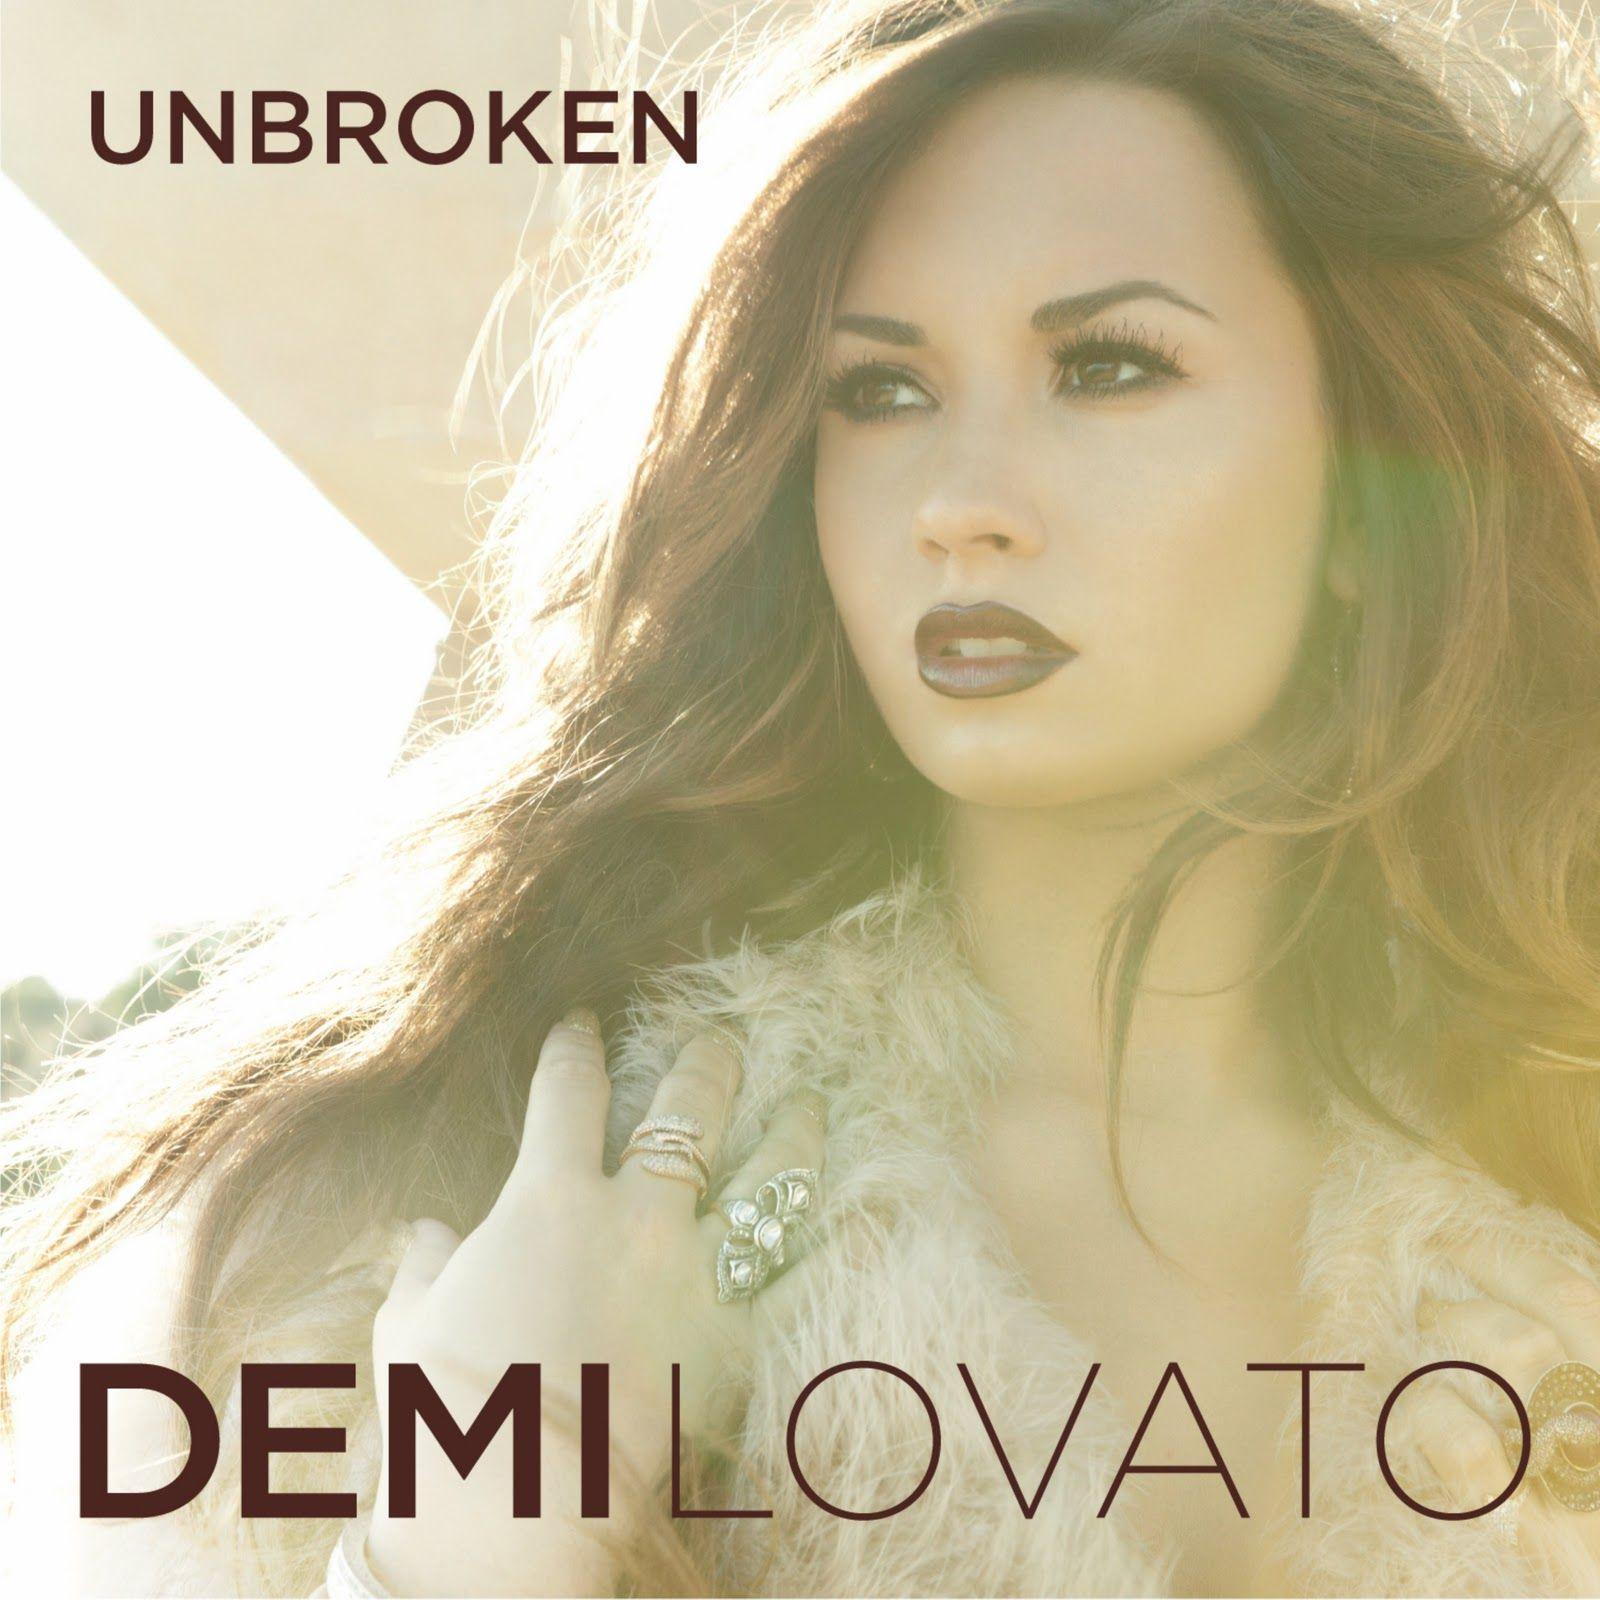 Demi Lovato - Unbroken album cover